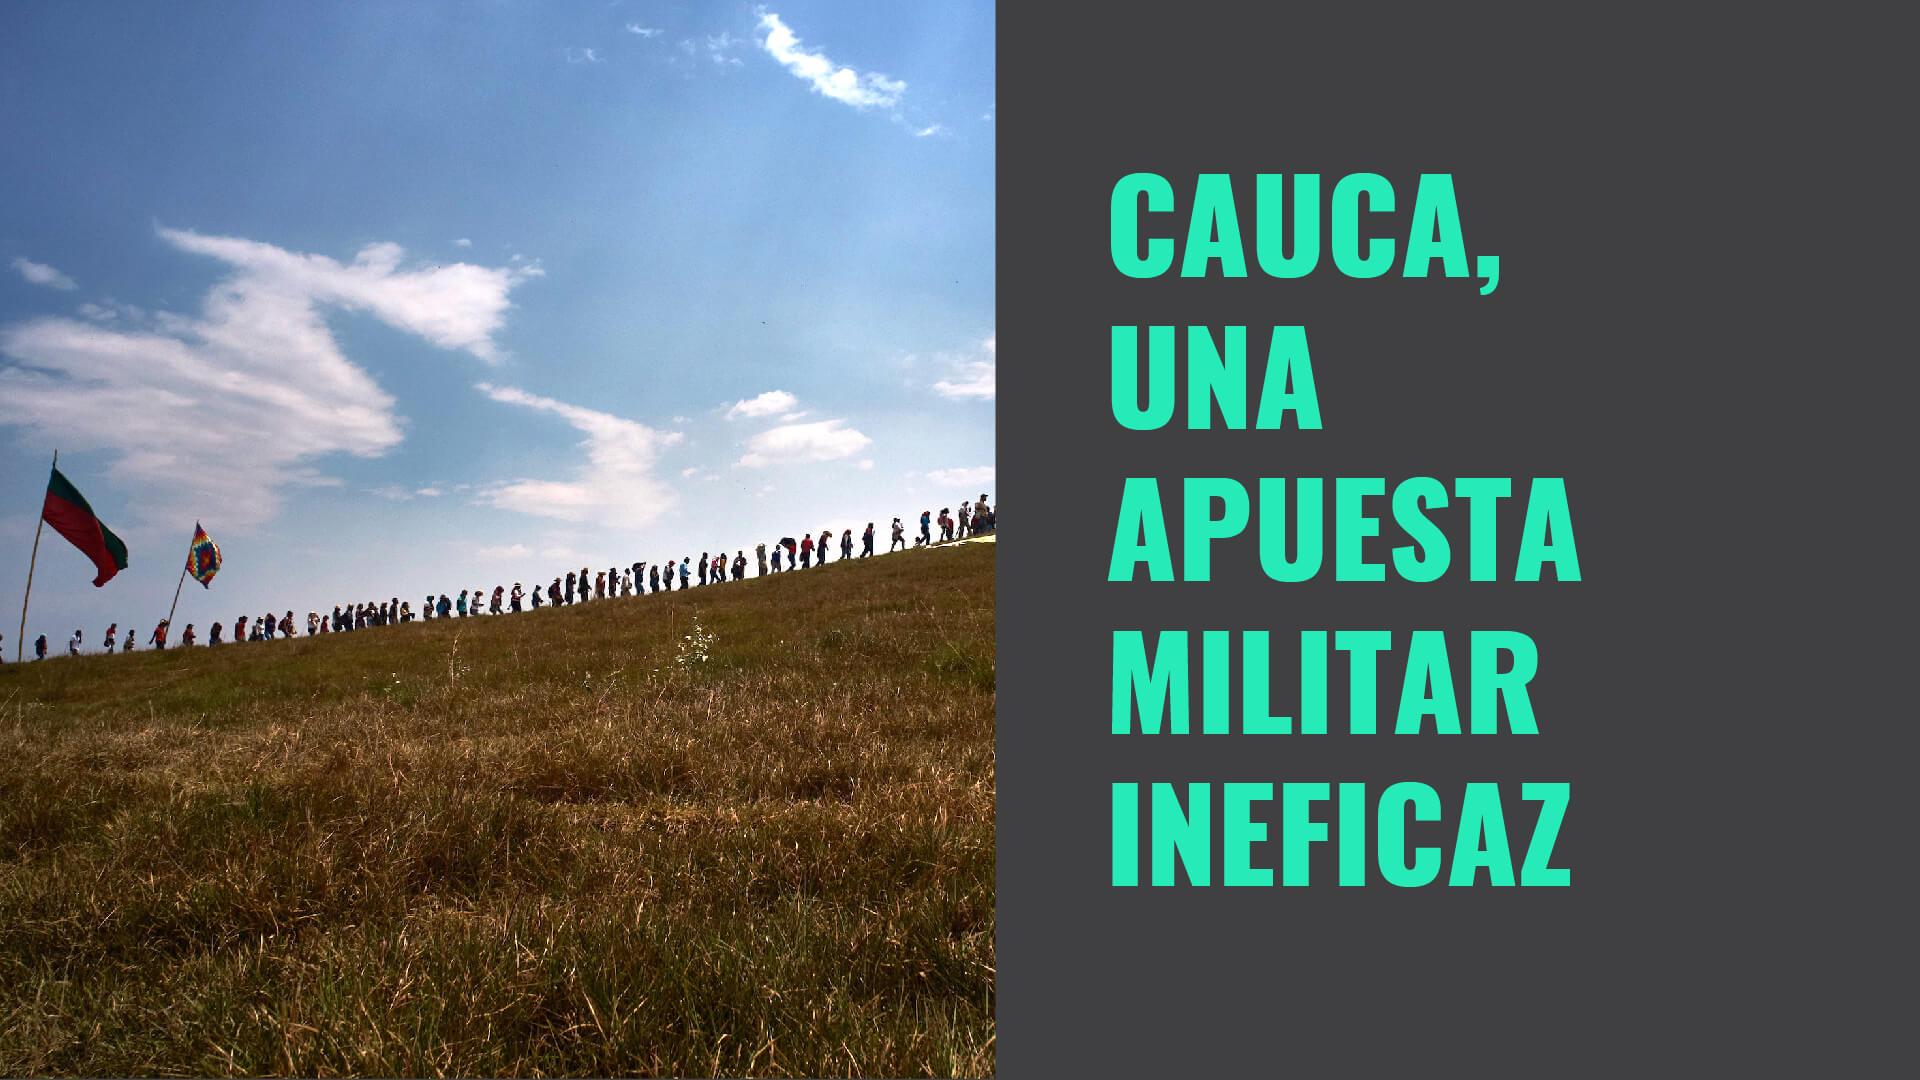 Cauca, una apuesta militar ineficaz